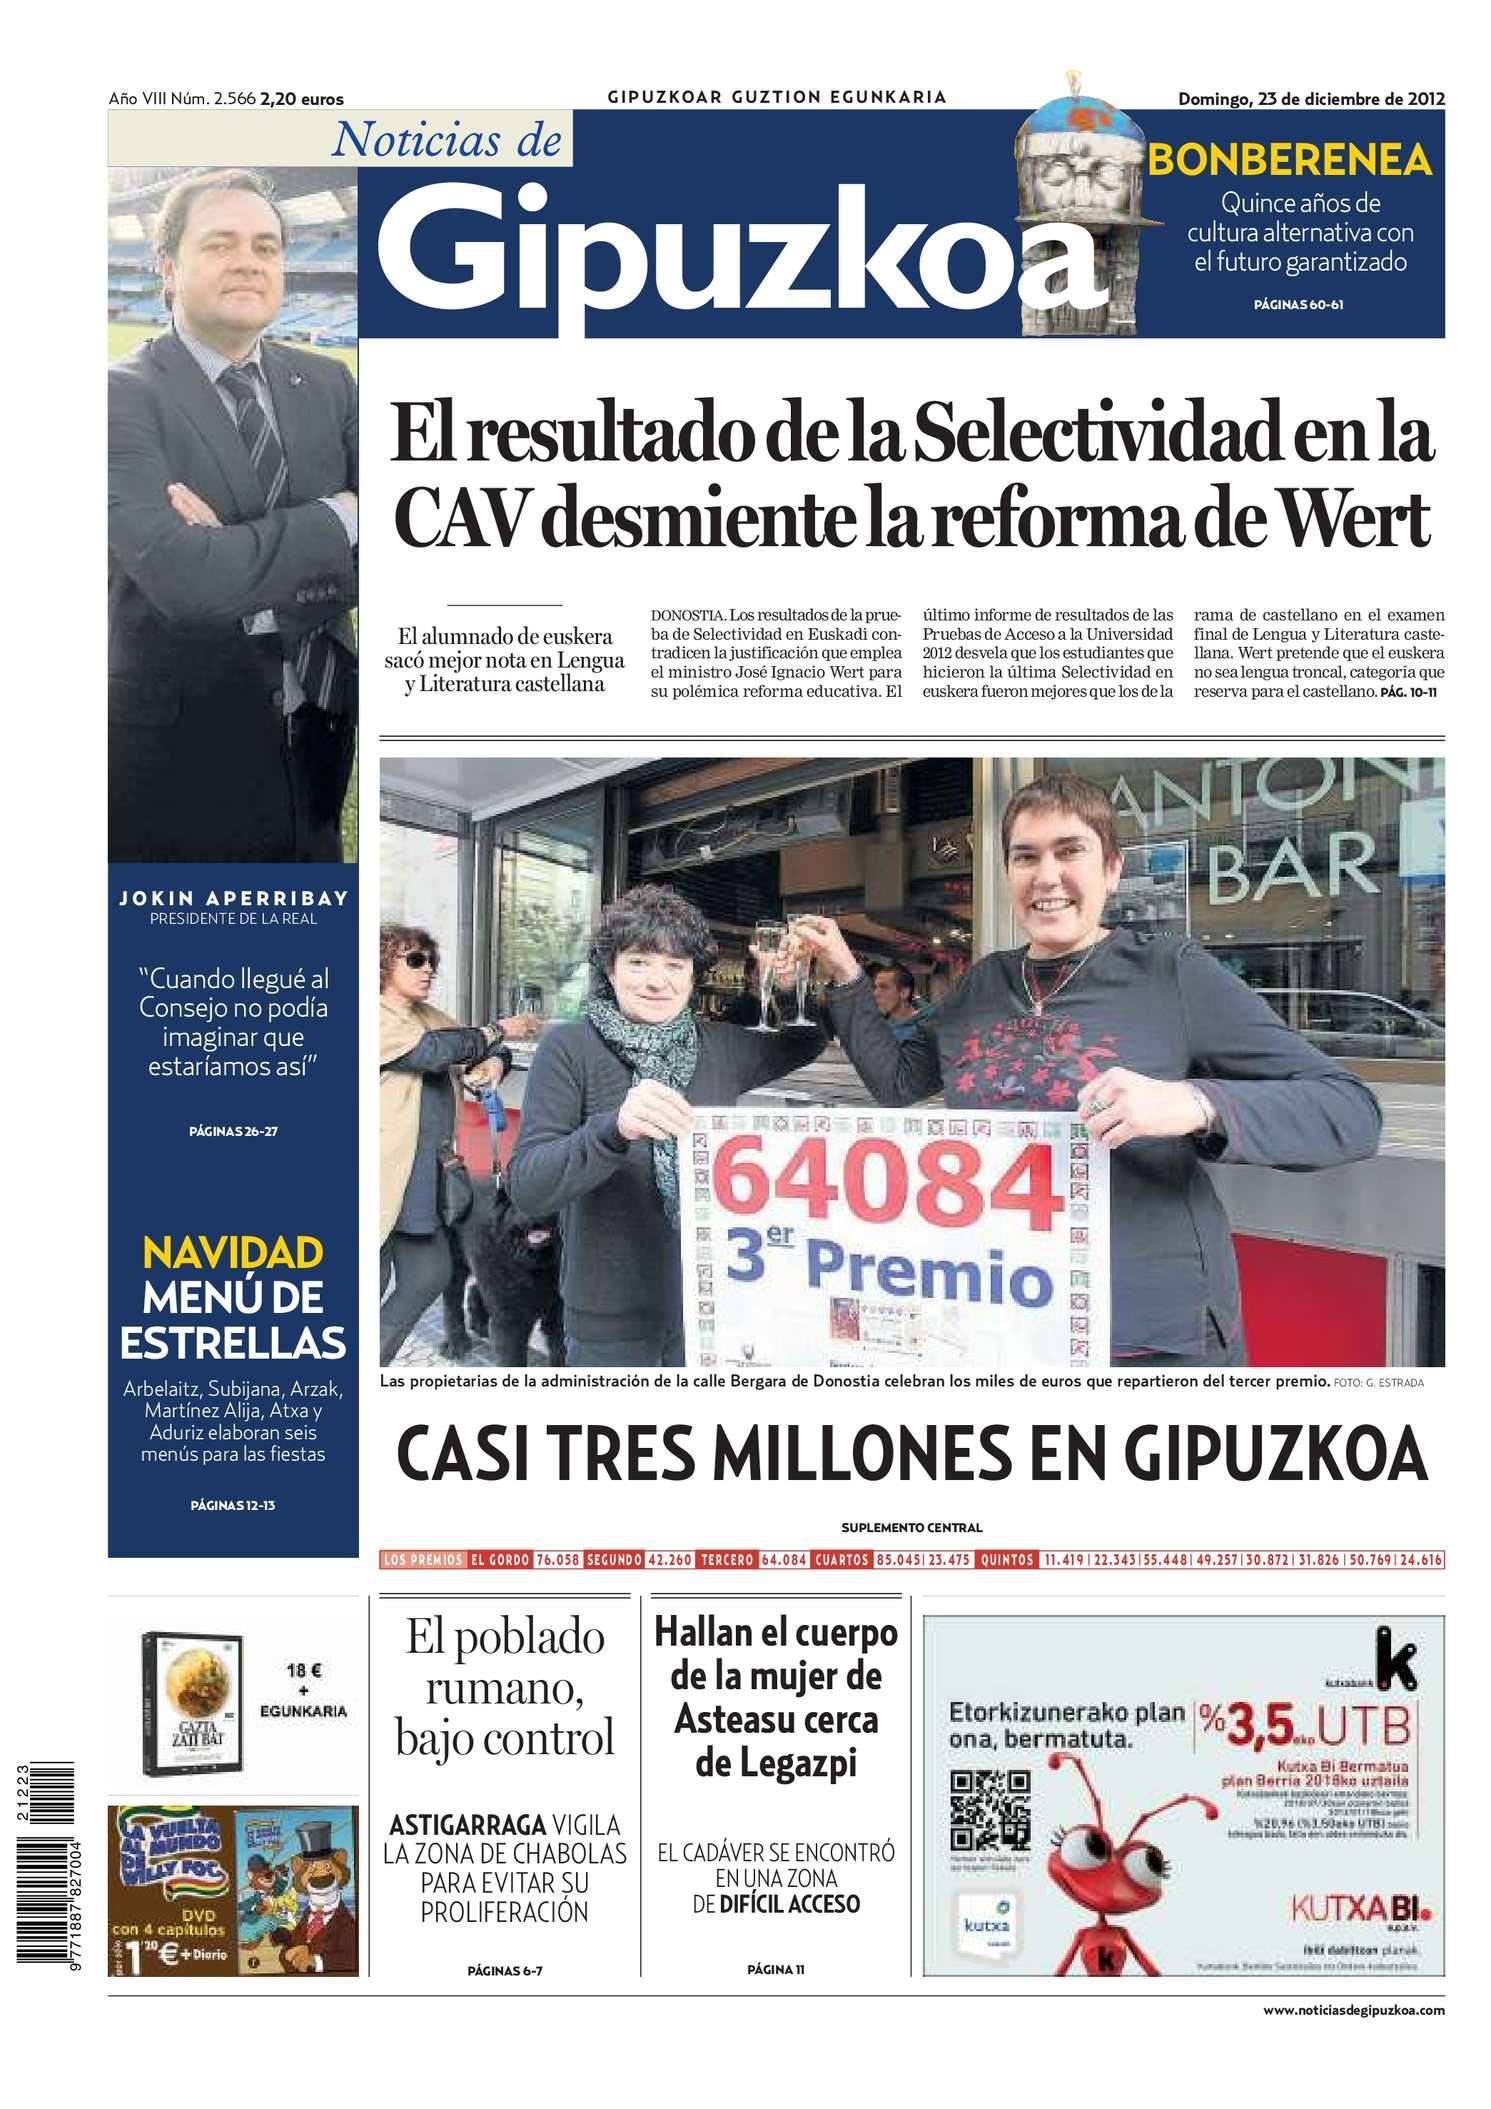 86773a4a2c622 Calaméo - Noticias de Gipuzkoa 20121223